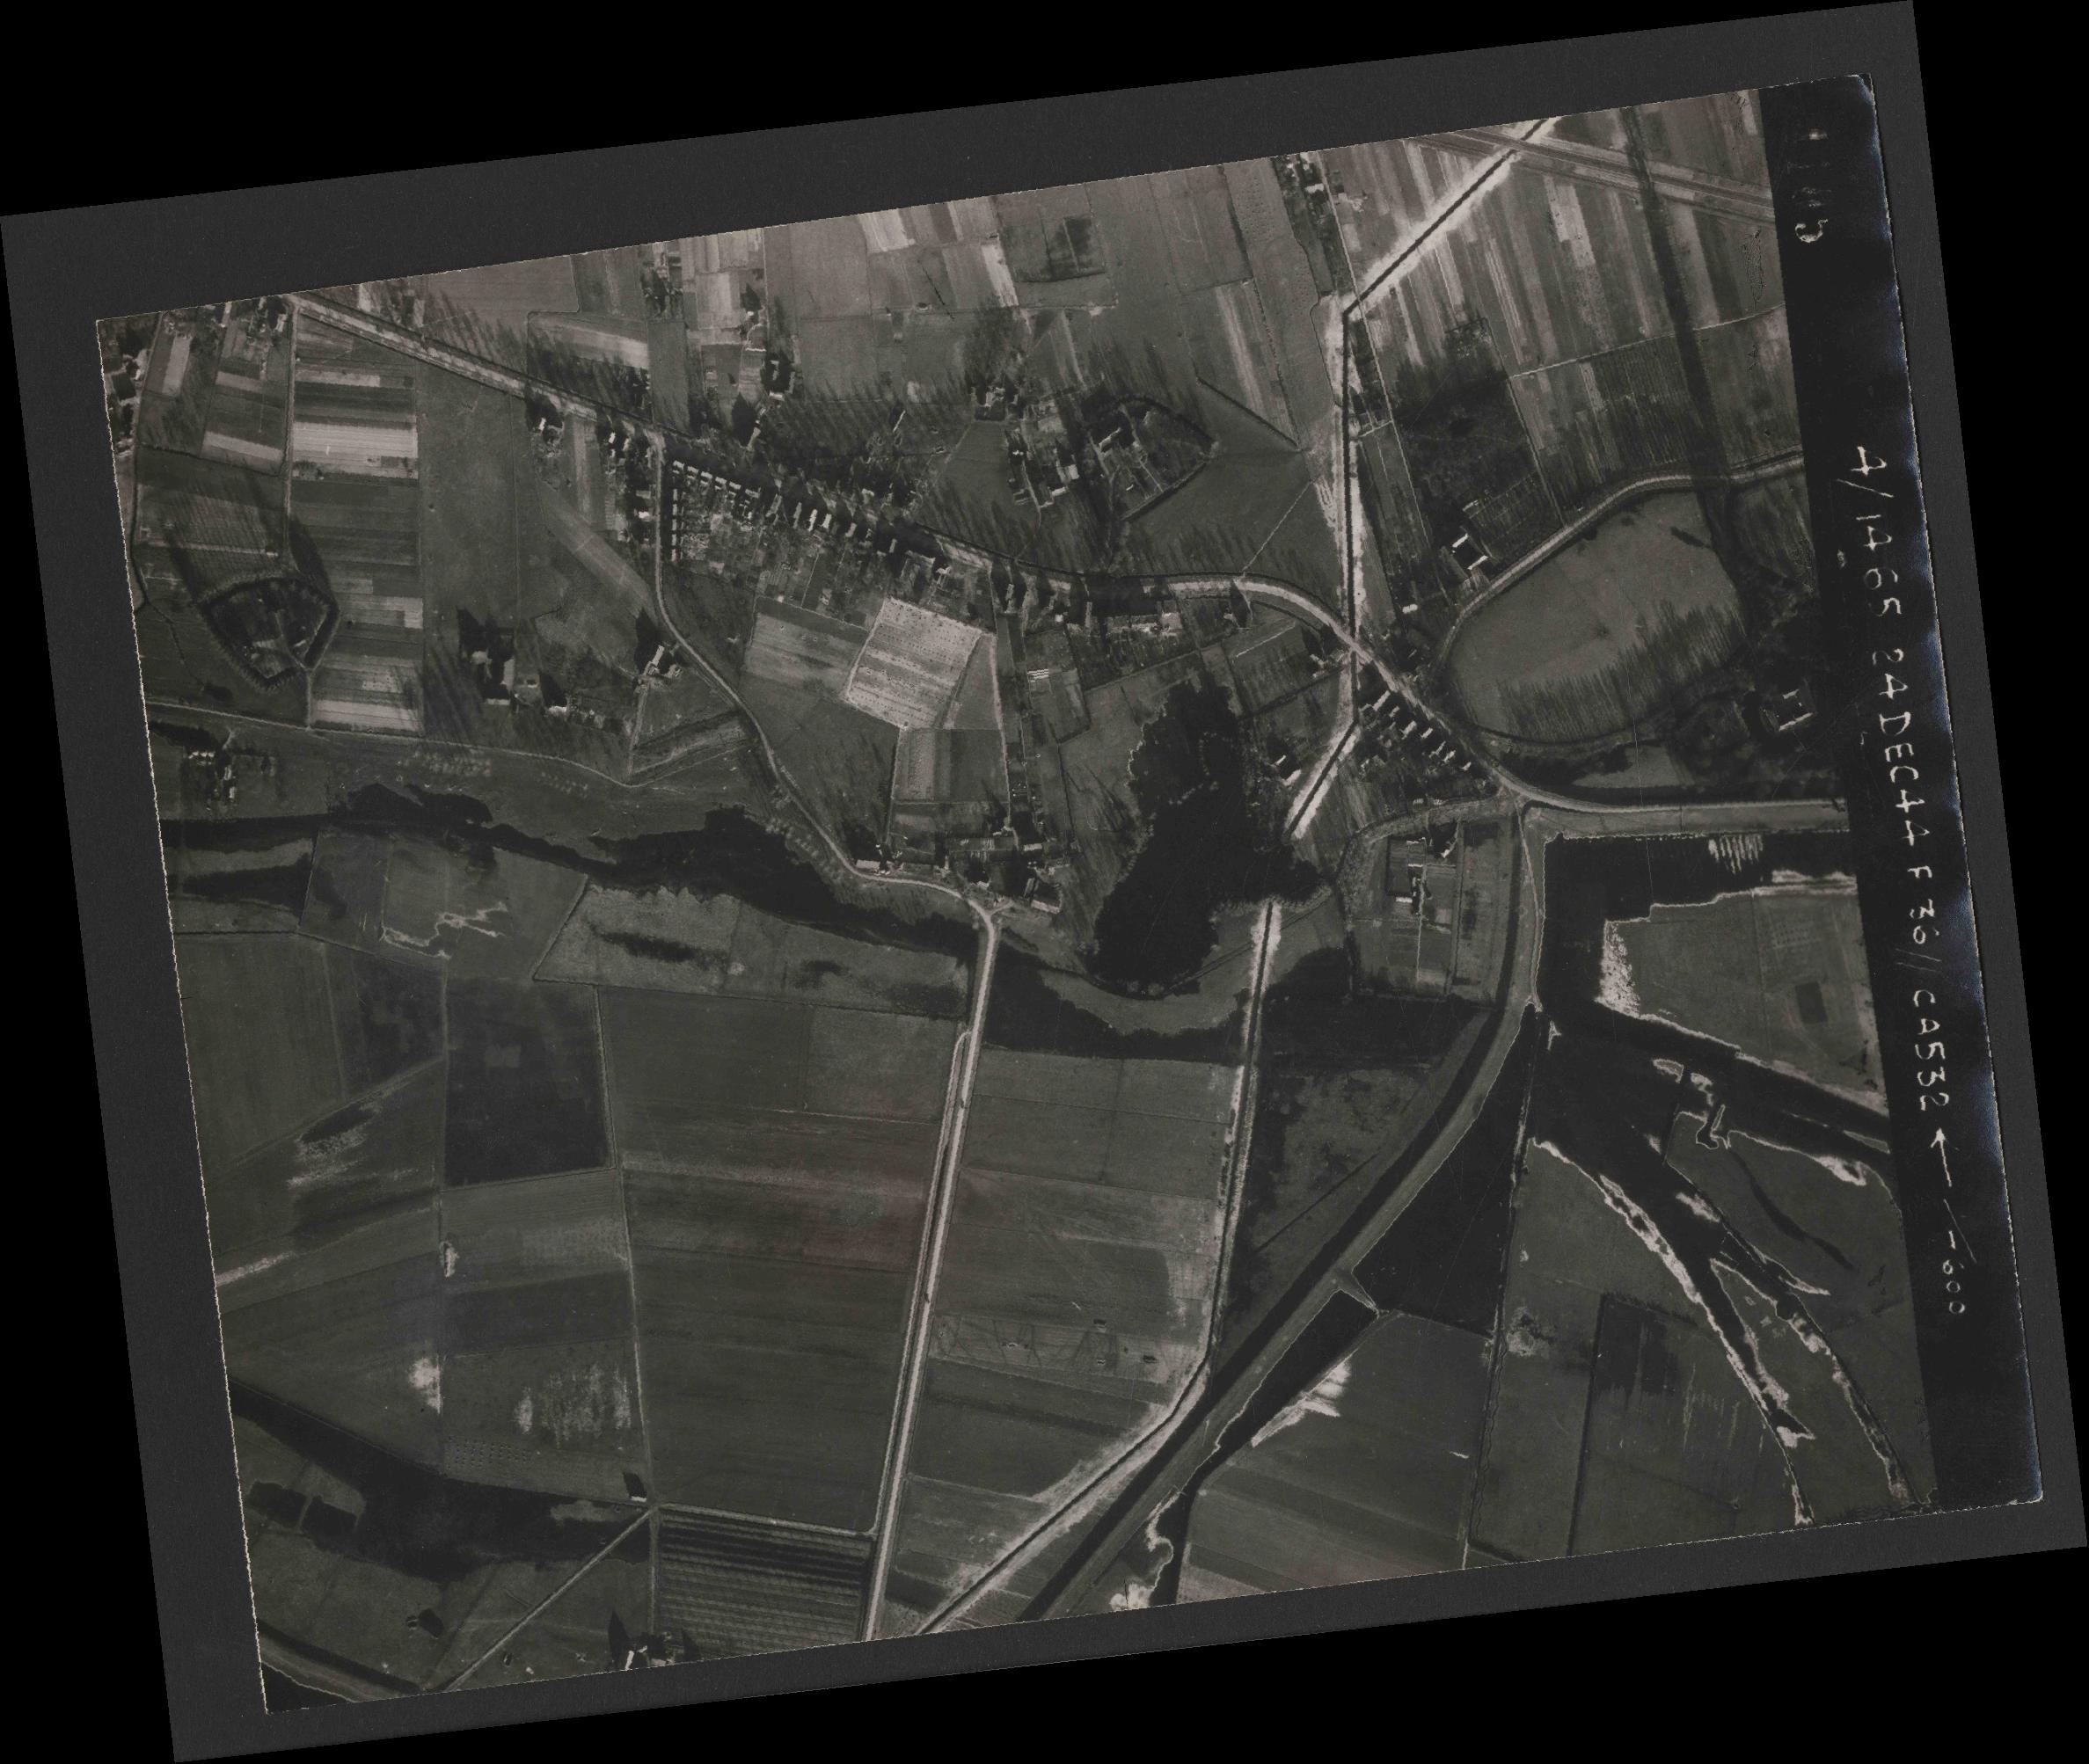 Collection RAF aerial photos 1940-1945 - flight 304, run 02, photo 4105